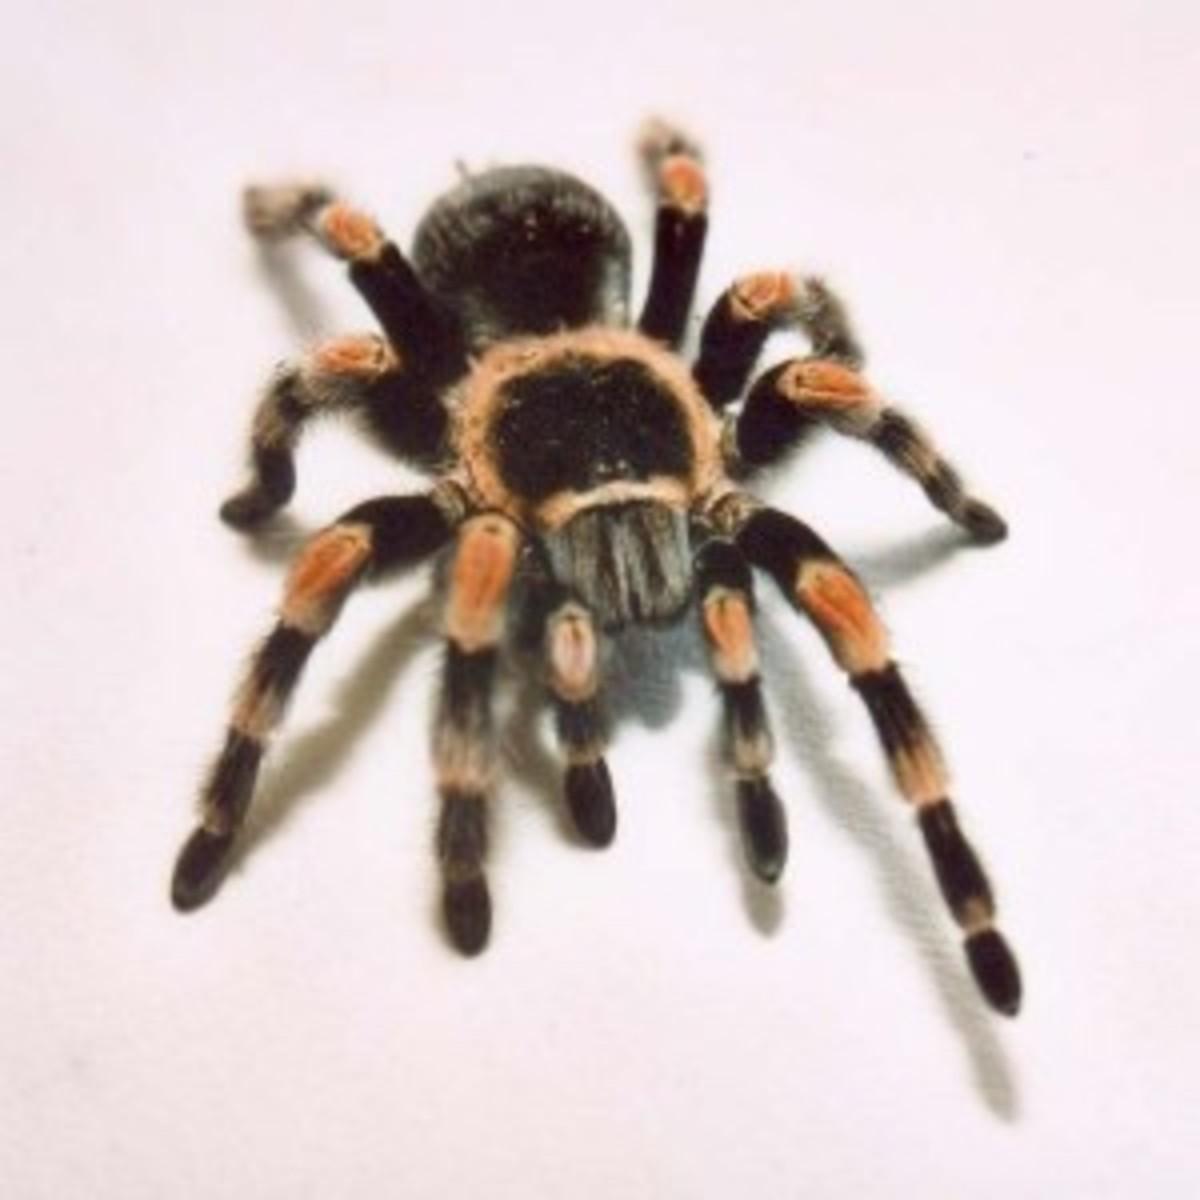 redknee-tarantula-300x300